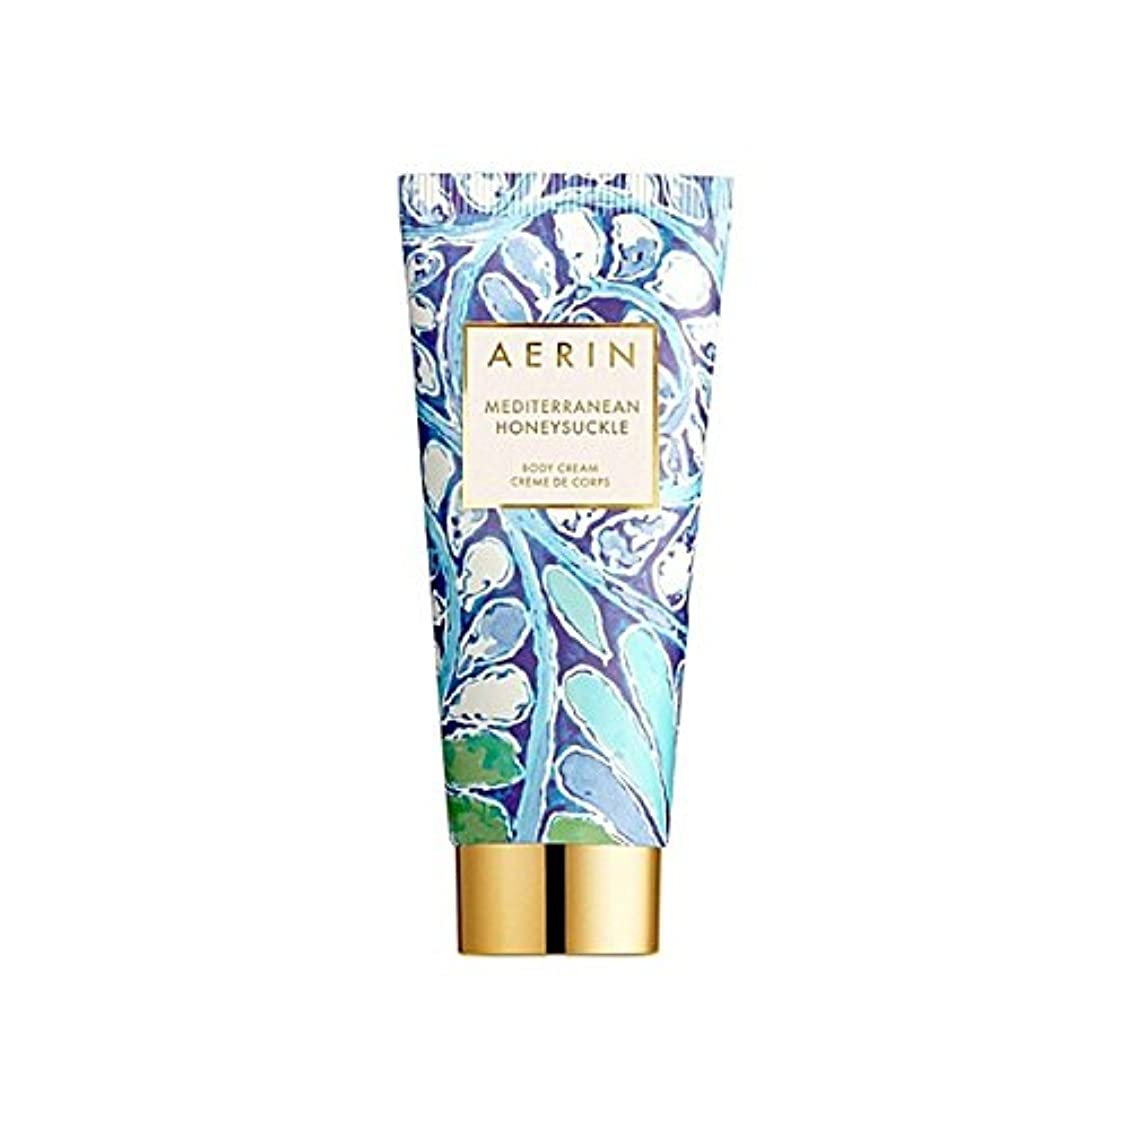 札入れラベンダーカウンタAerin Mediterrenean Honeysuckle Body Cream 150ml - スイカズラボディクリーム150ミリリットル [並行輸入品]